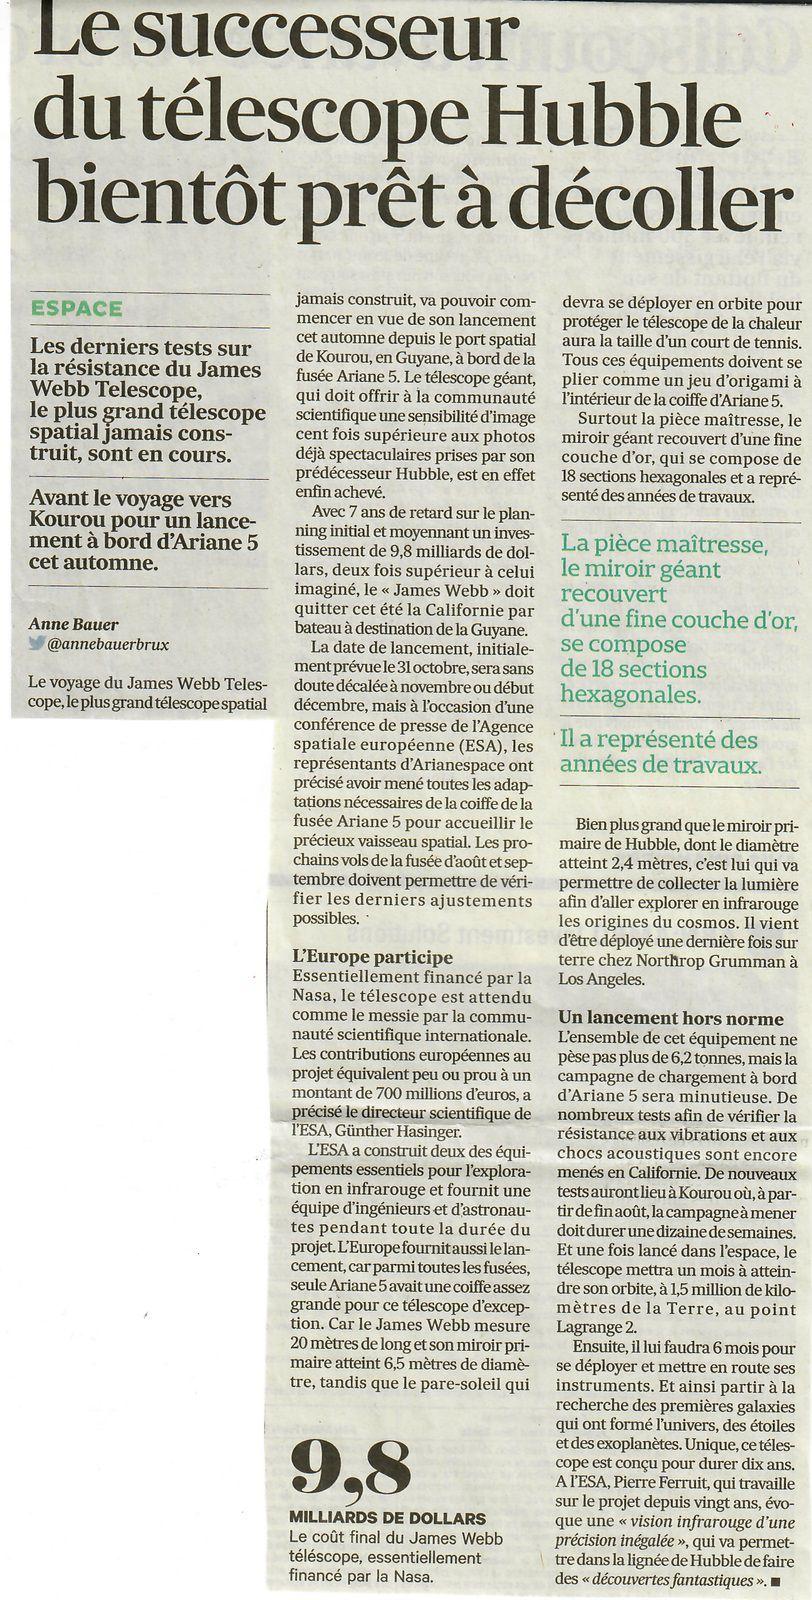 Vu et lu dans Les Echos du 02/06/21